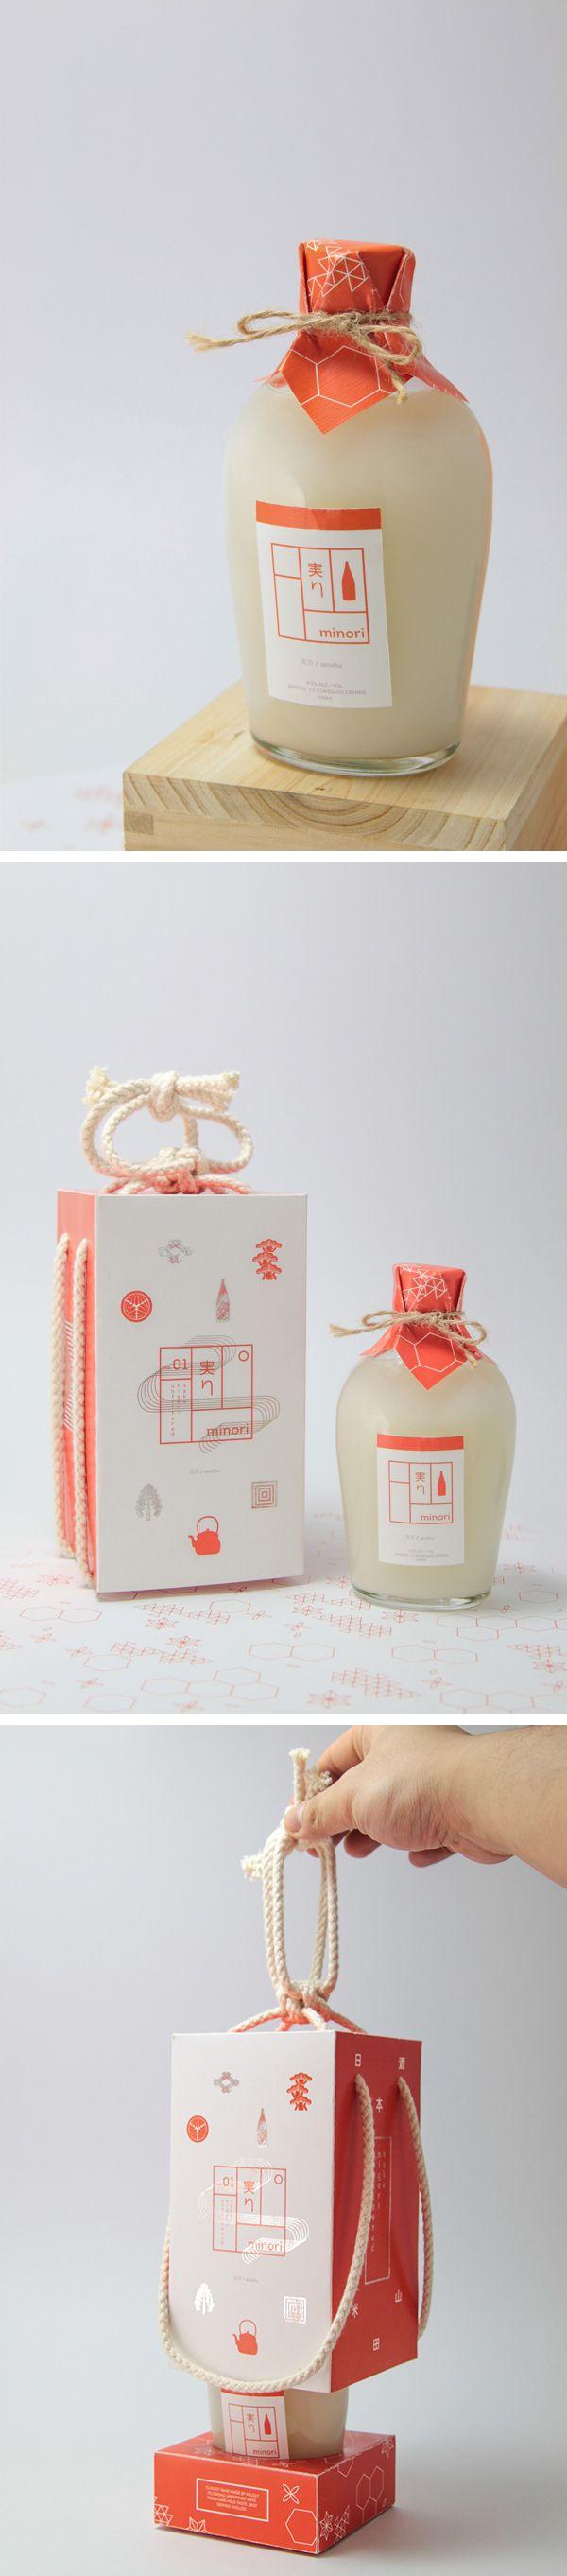 Minori Sake bottle Förpackad -Blogg om Förpackningsdesign, Förpackningar, Grafisk Design - CAP&Design